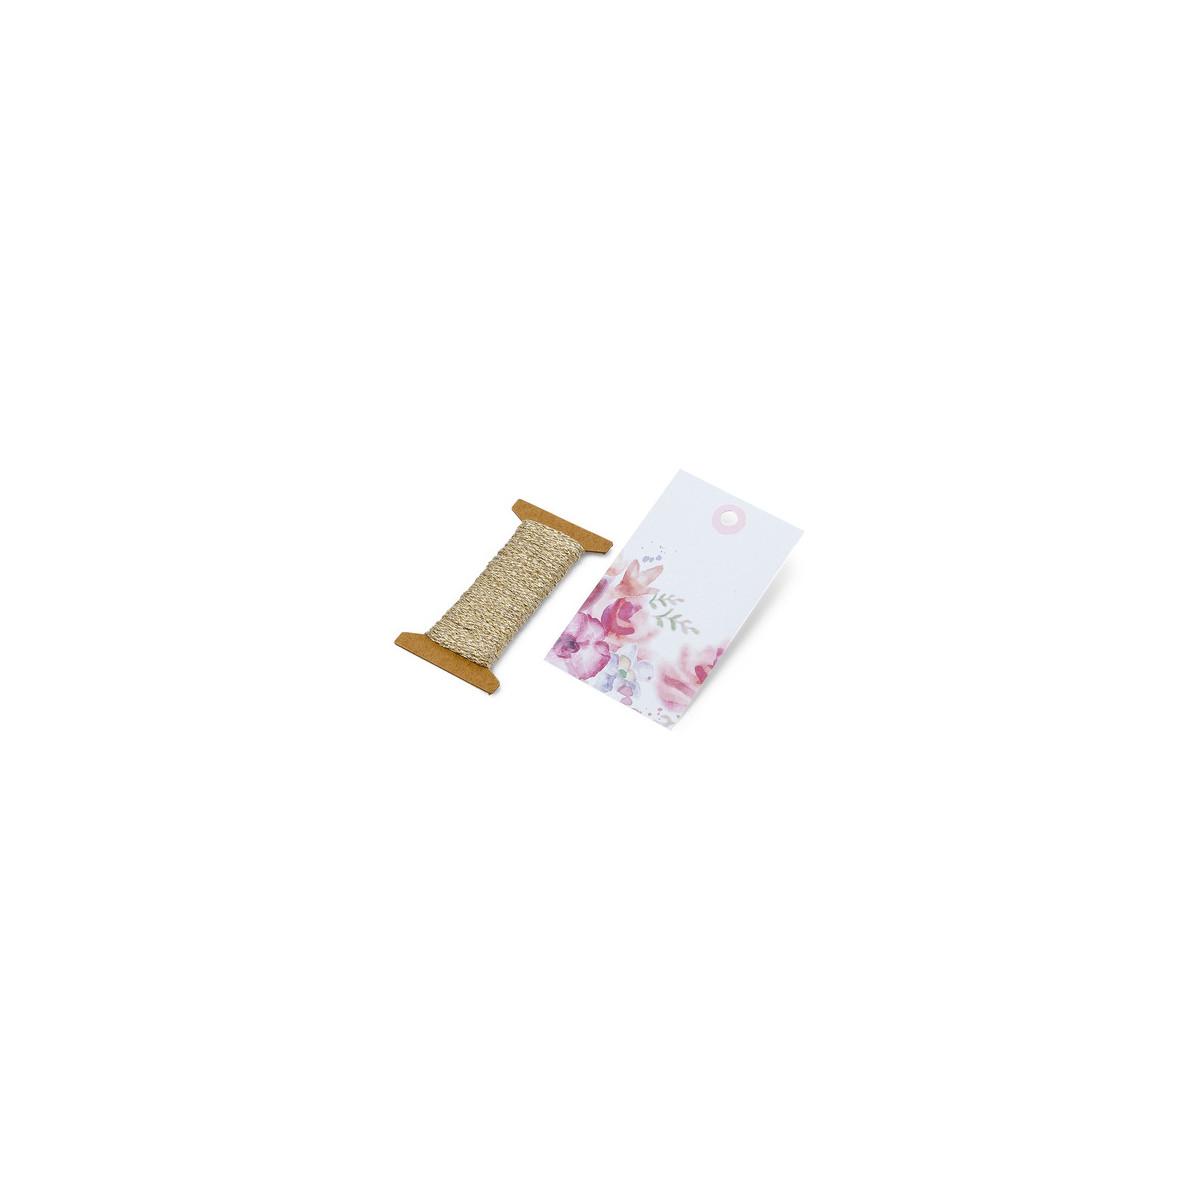 x12 etiquettes + cordelette Liberty 4,5x7,5 cm